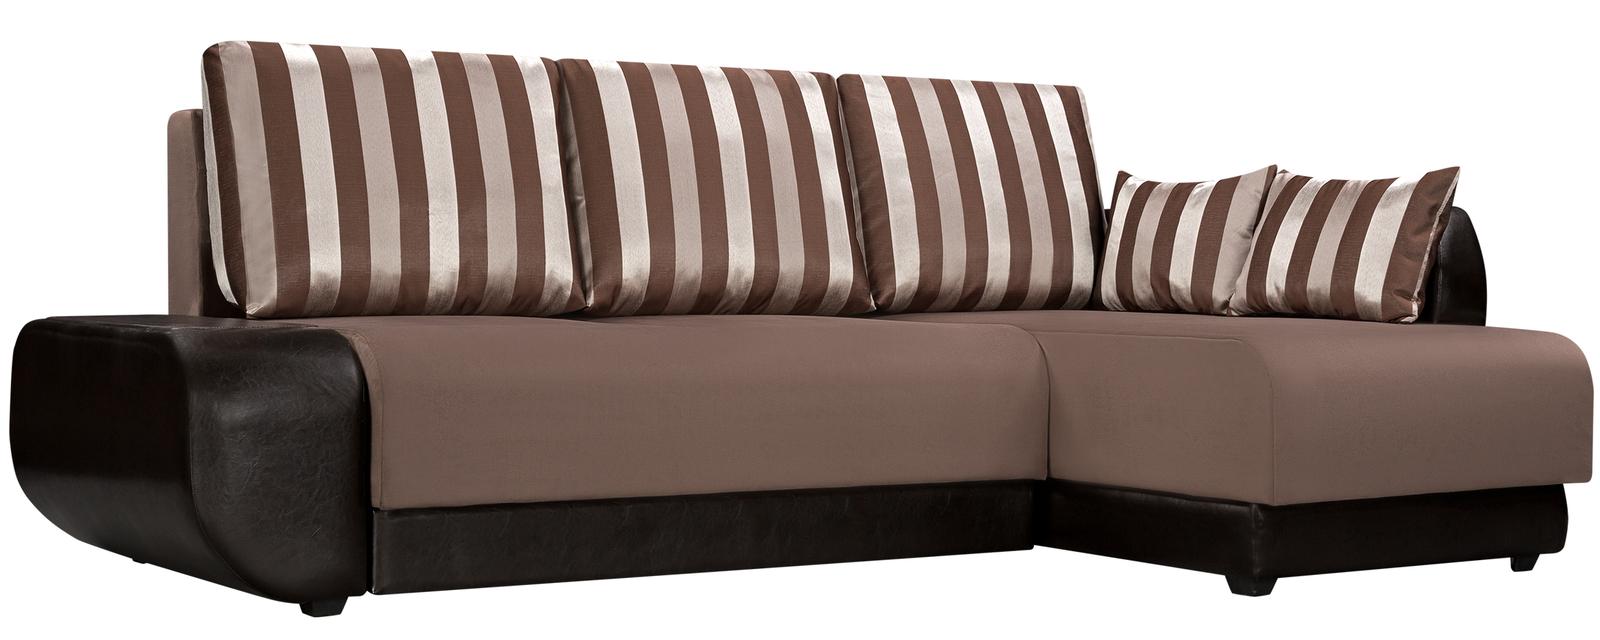 Диван тканевый угловой Нью-Йорк Stripe коричневый (Велюр + Экокожа) Нью-Йорк